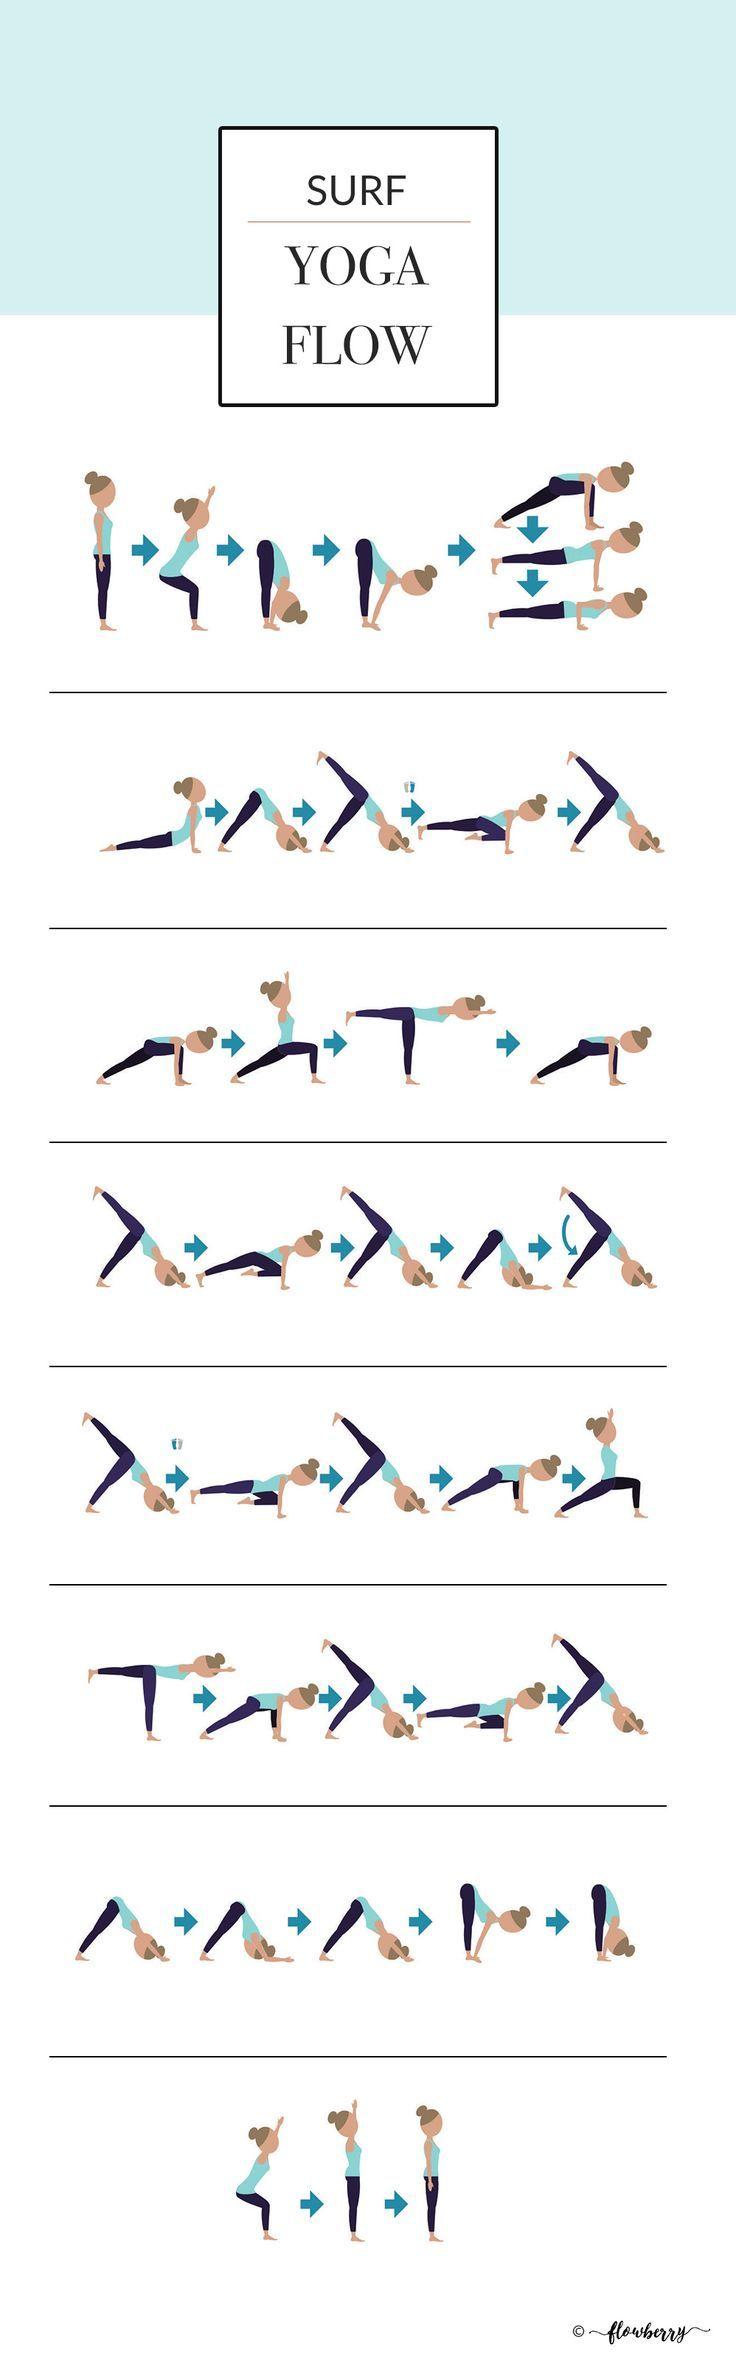 Yoga Flow Yoga Flow Yoga vinyasa